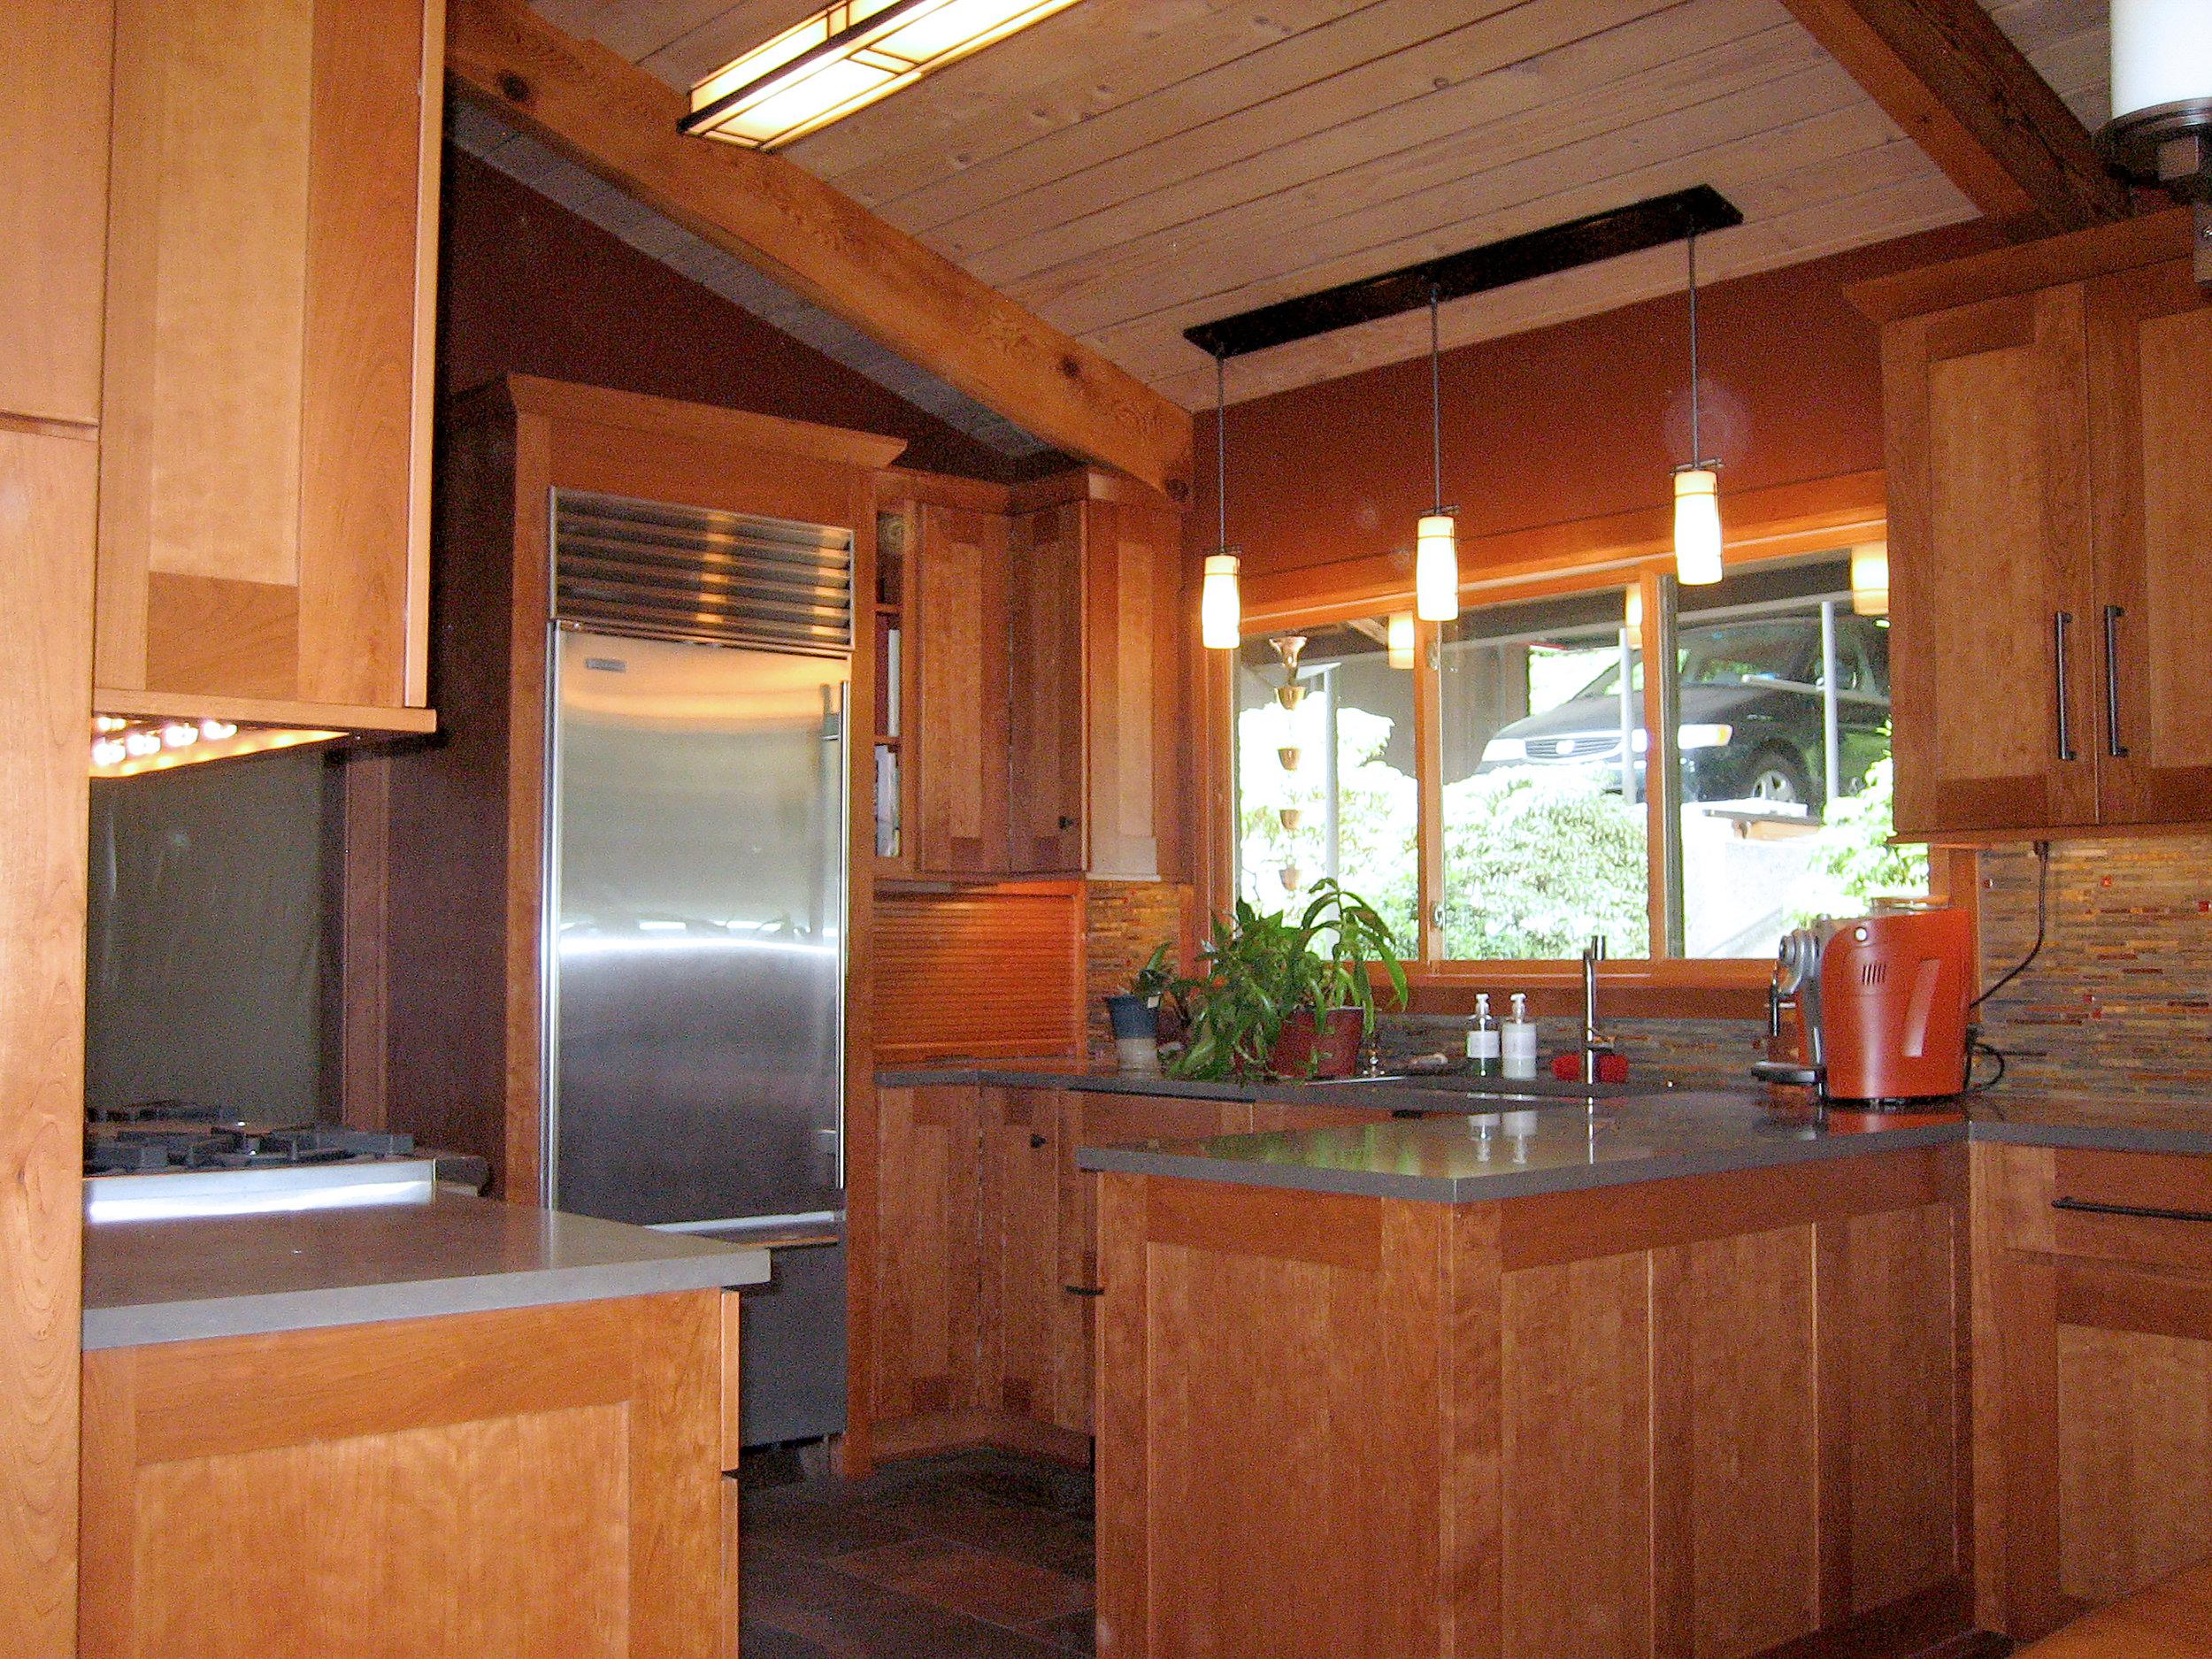 Miller Residence After Remodel v2.jpg